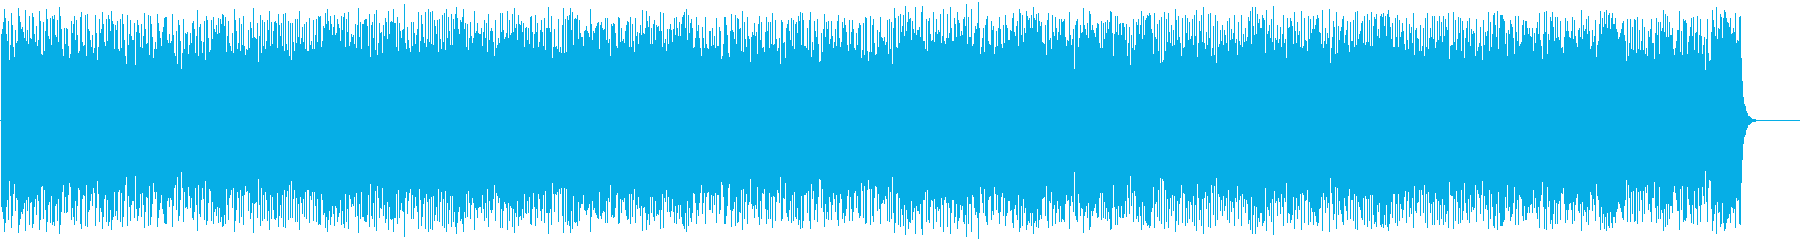 """盛り上がる強気の""""ファイト""""サウンドの再生済みの波形"""